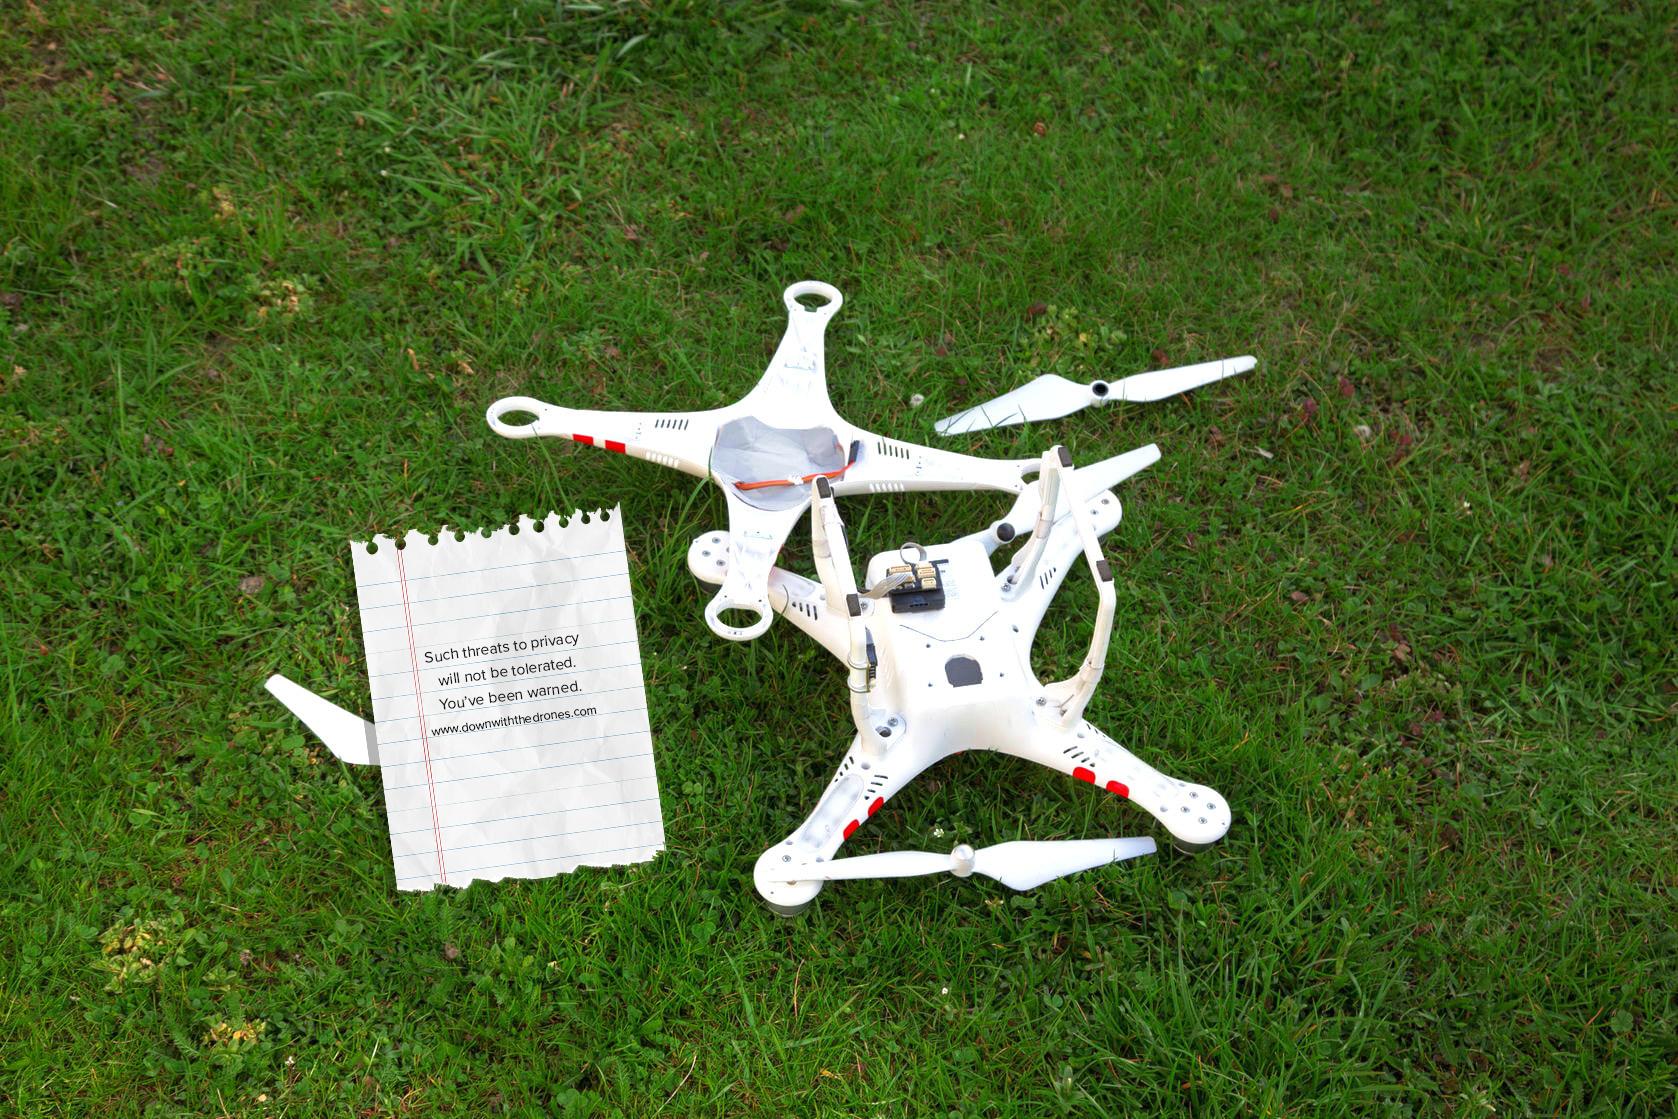 FrisbeedronestrikeNoFrisbee.png